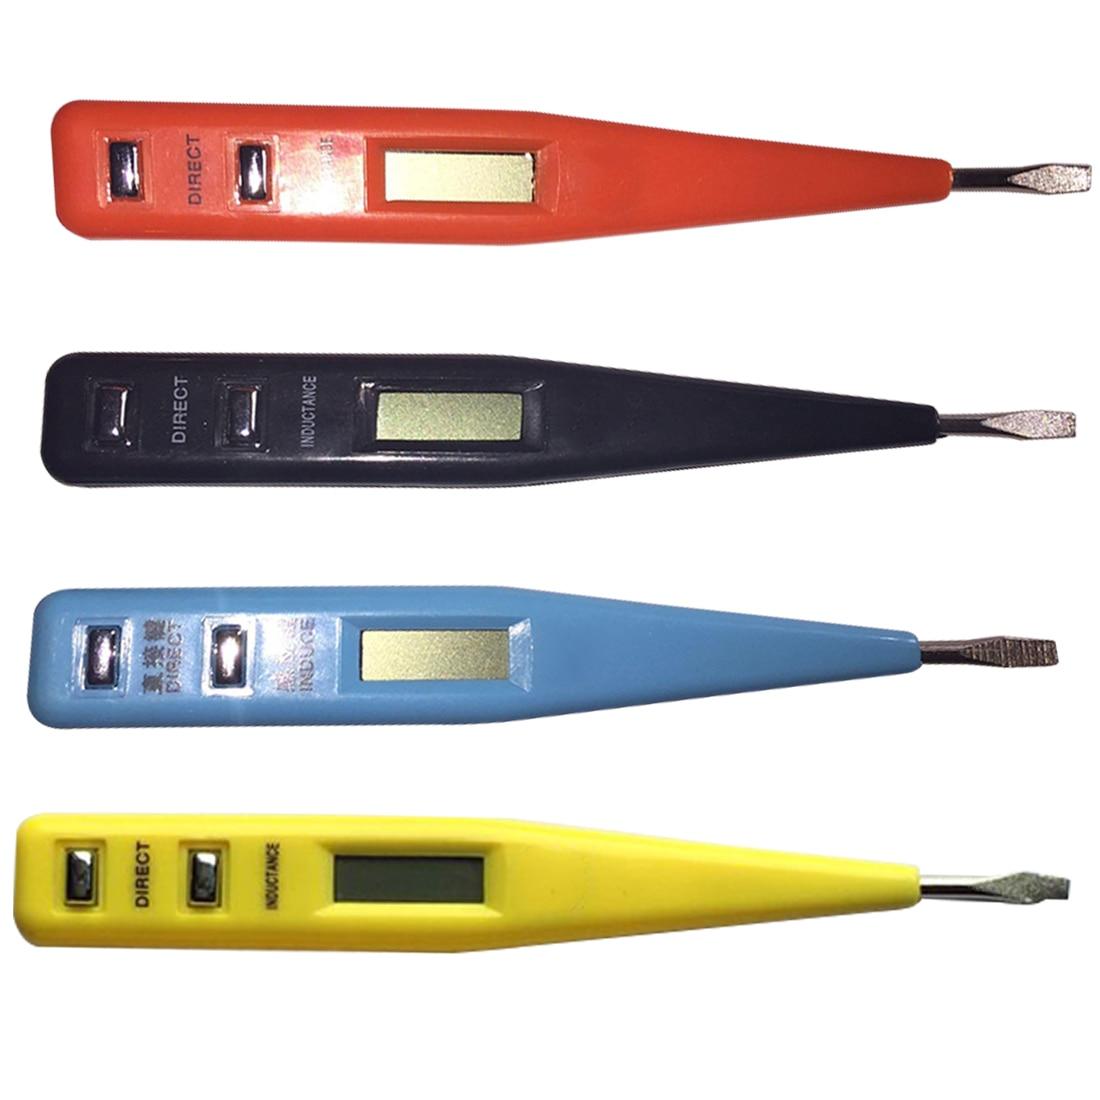 AC DC 12-250V Multi-Sensor Electrical LCD Display Voltage Detector Test Pen Digital Test Pencil Multifunction Random Color